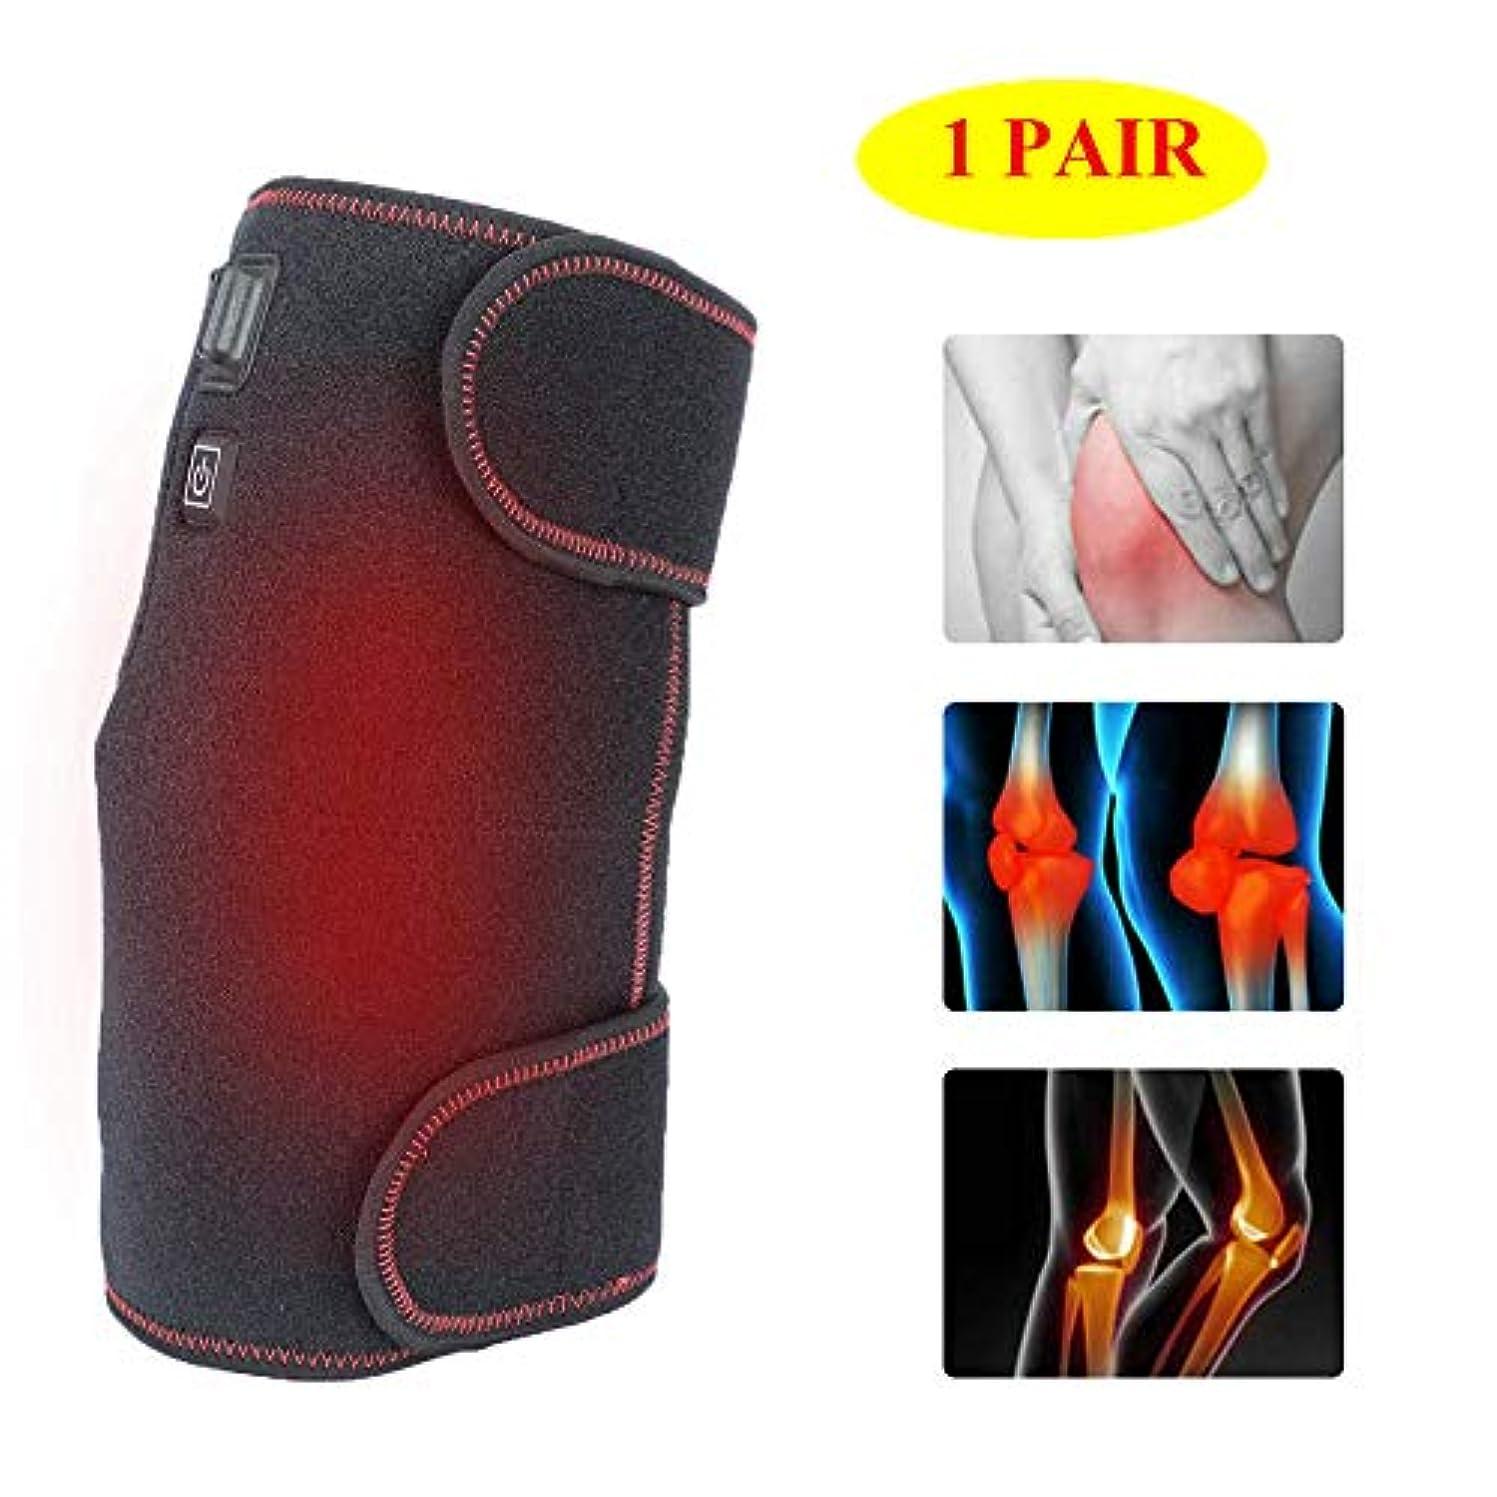 墓地懺悔電話に出る加熱膝ブレースサポート1ペア - USB充電式膝暖かいラップ加熱パッド - 療法ホット圧縮3ファイル温度で膝の傷害